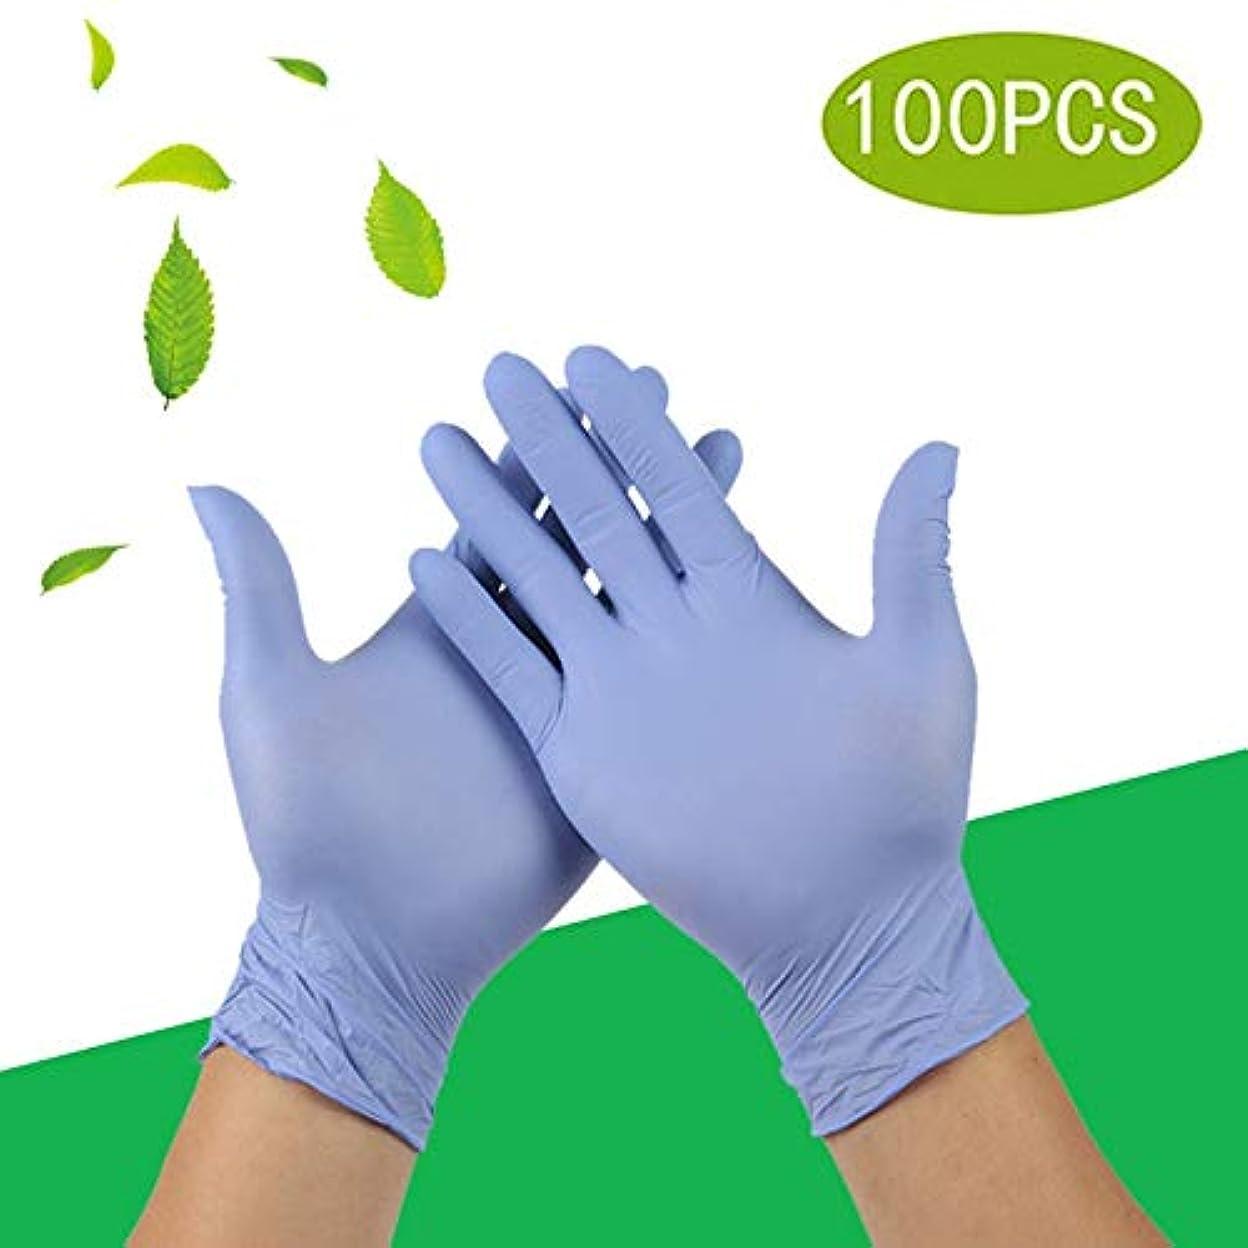 帰するすり減るいま使い捨て手袋軽量9インチパウダーフリーラテックスフリーライト作業クリーニング園芸医療グレード入れ墨医療検査手袋100倍 (Color : Blue, Size : M)